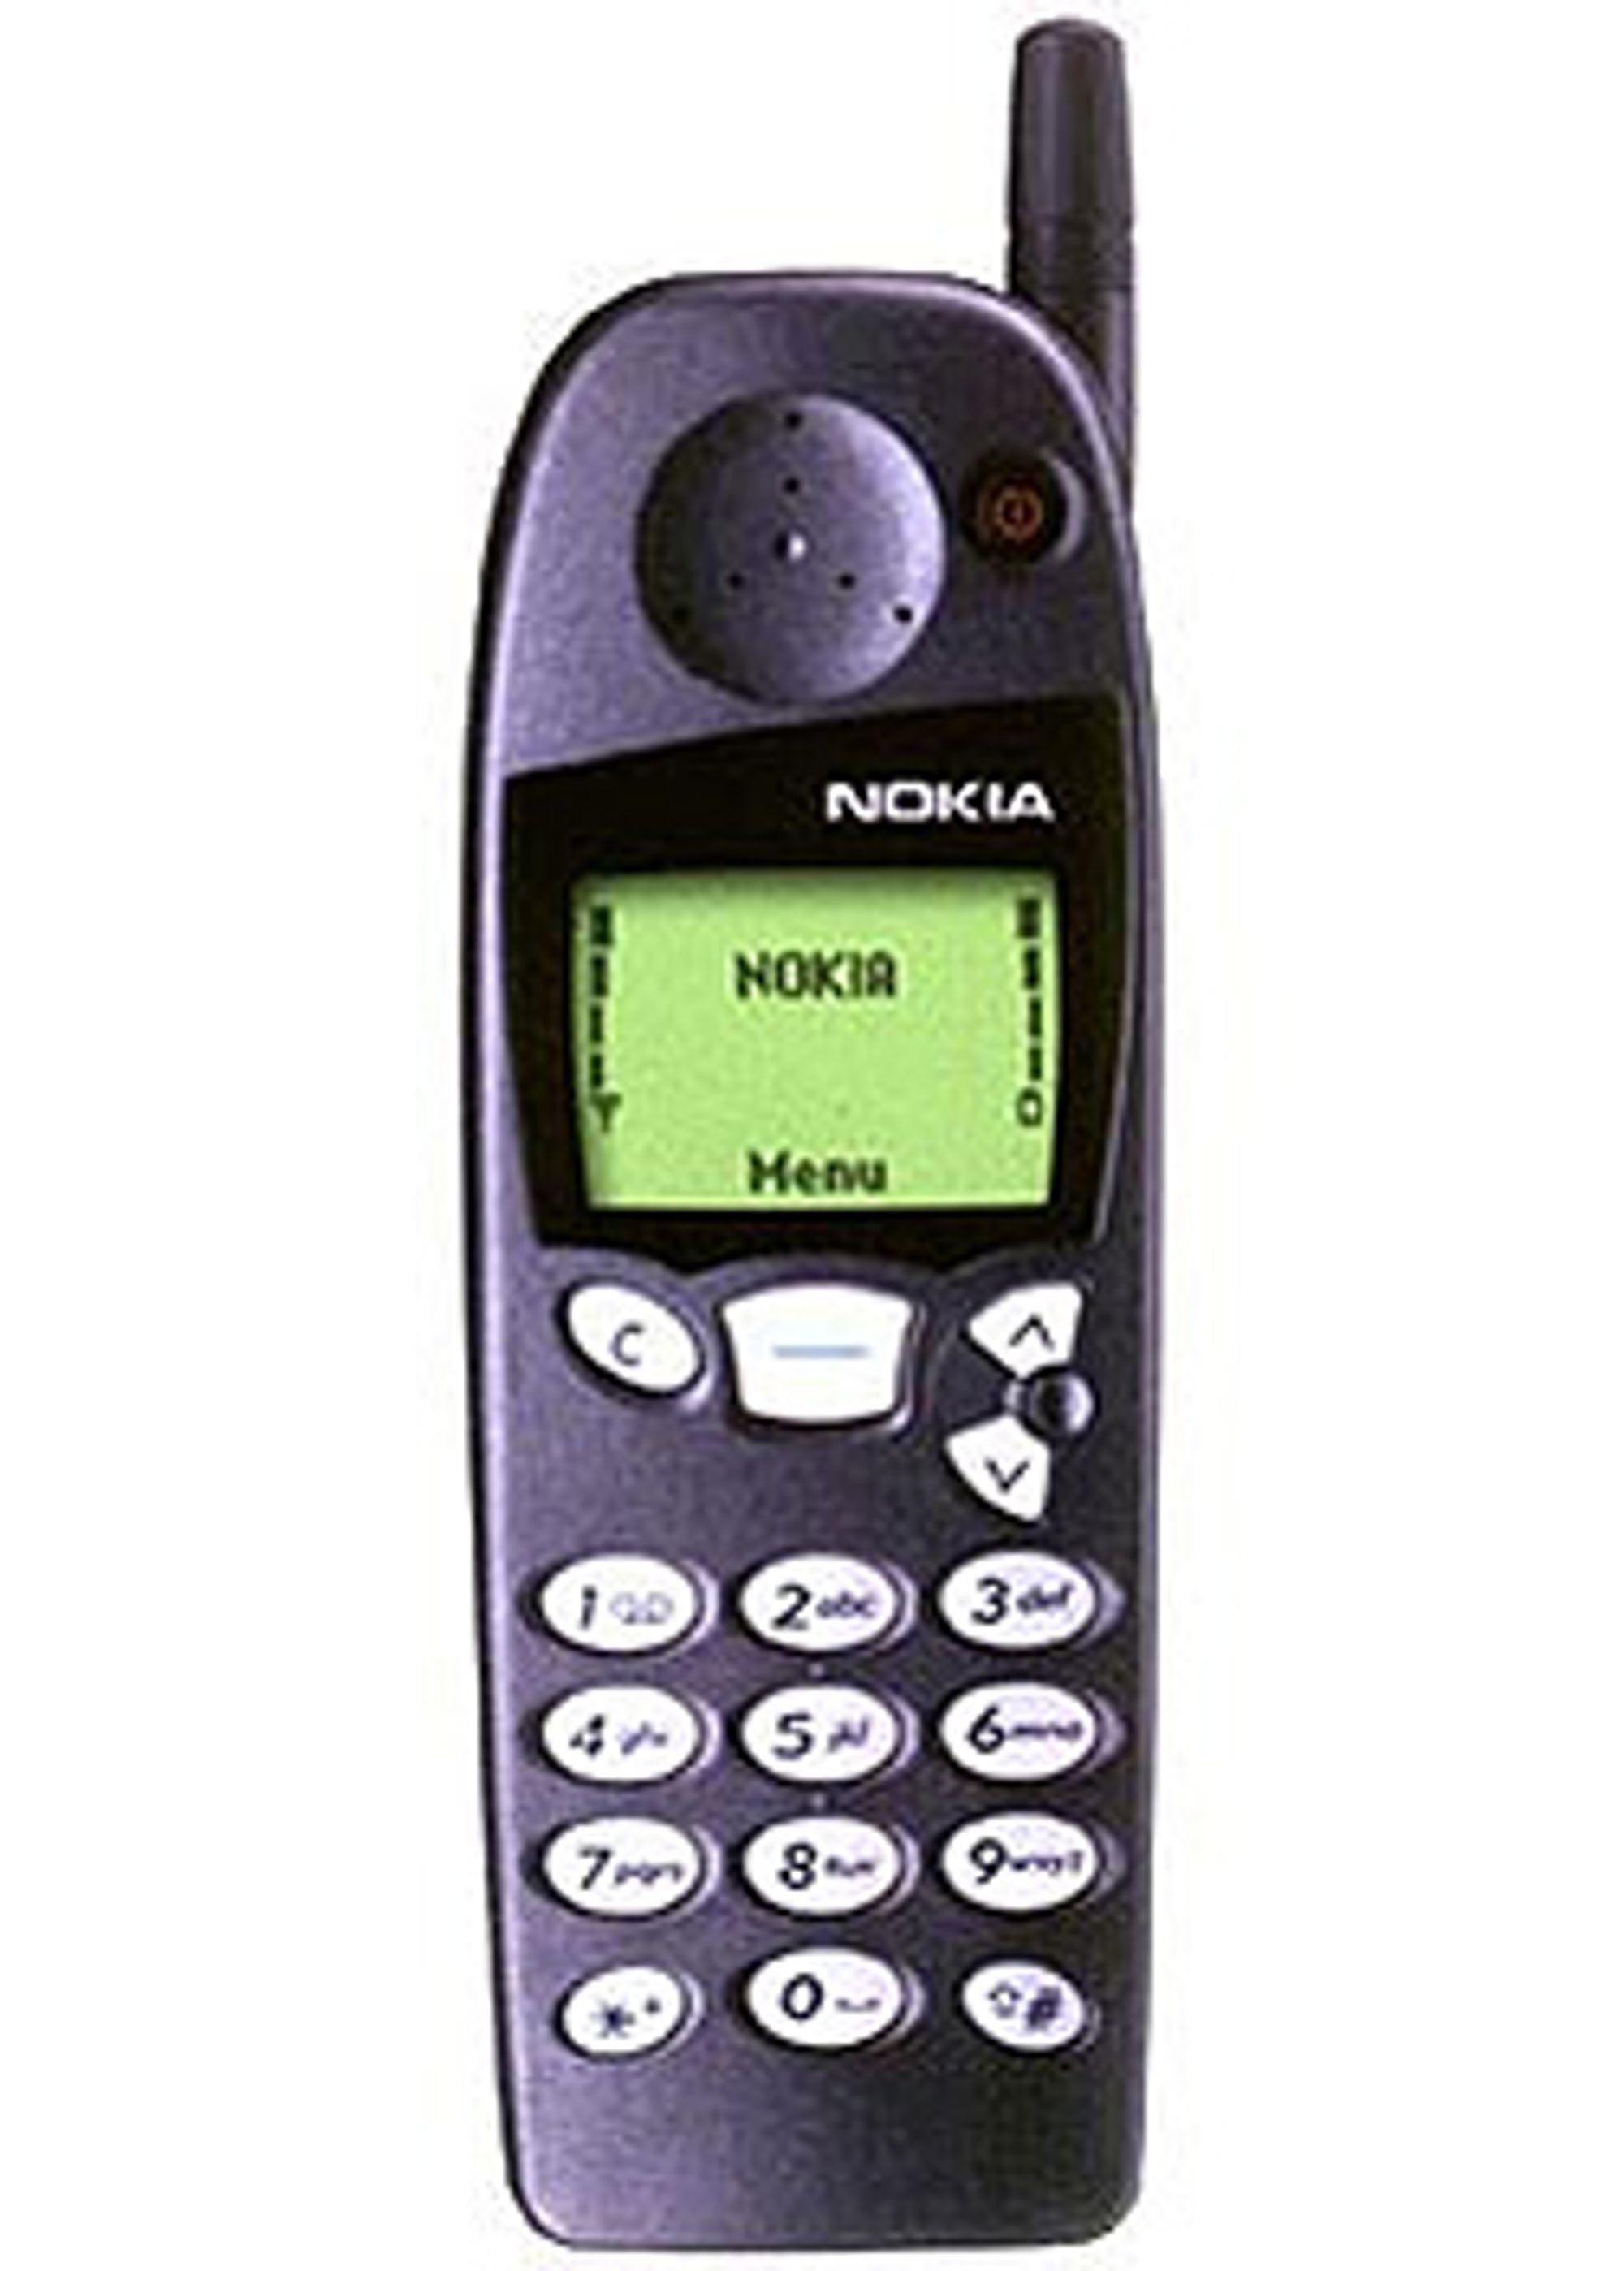 Har du mange gamle mobiler liggende i skuffen? (Foto: Nokia)